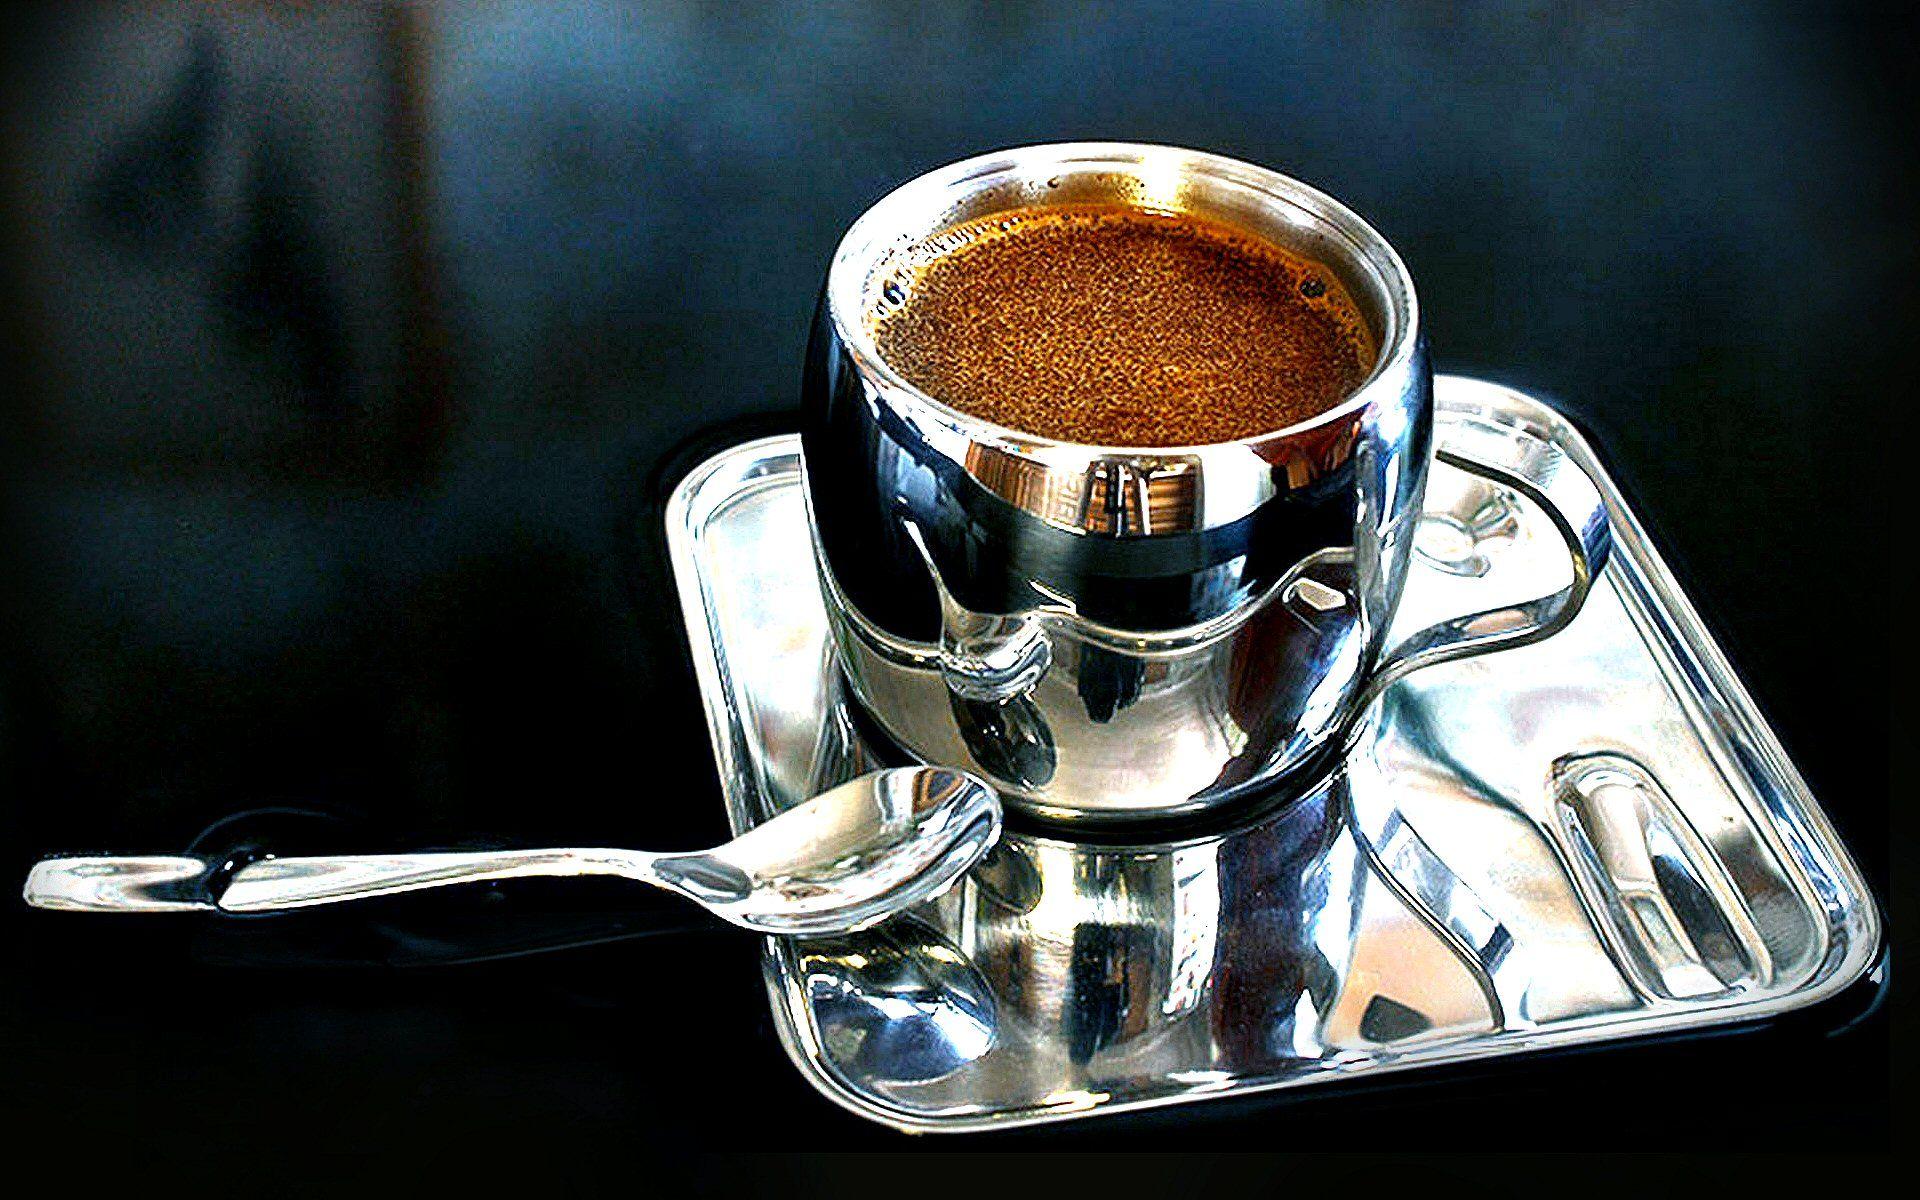 шедевры, утреннее кофе для мужчины картинка является